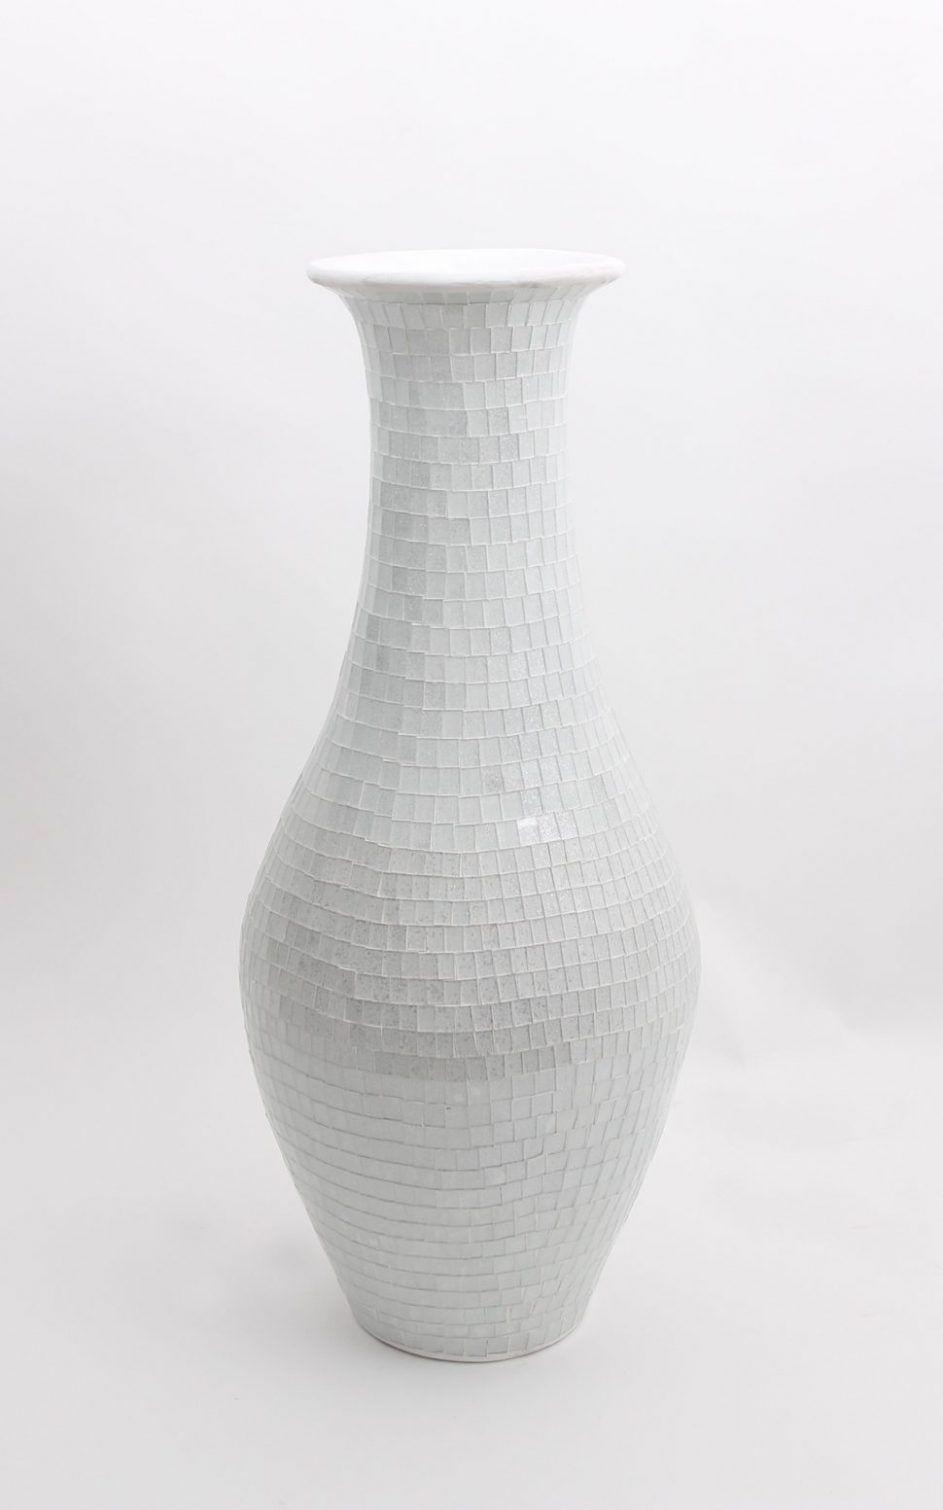 Superb Tall White Vases 122 Tall White Vases Australia Large inside measurements 943 X 1510